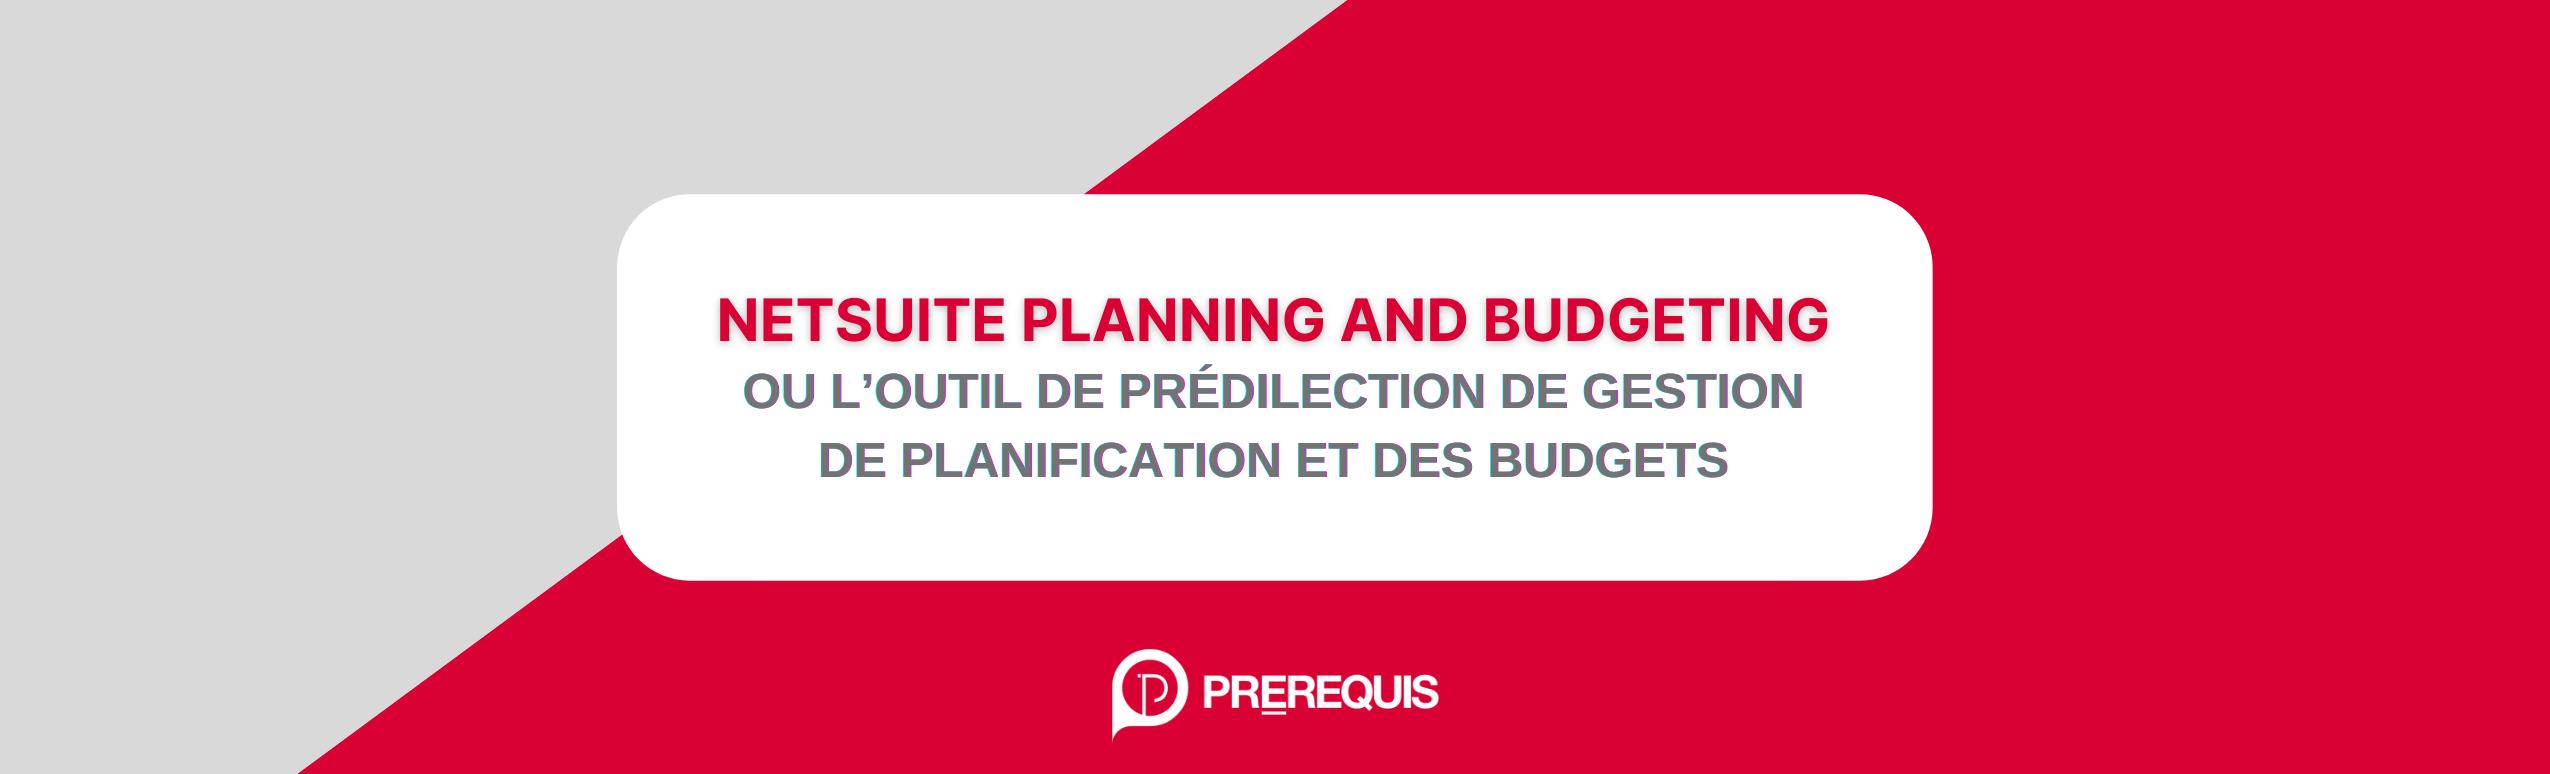 NetSuite Planning and Budgeting ou l'outil de prédilection de gestion de planification et des budgets